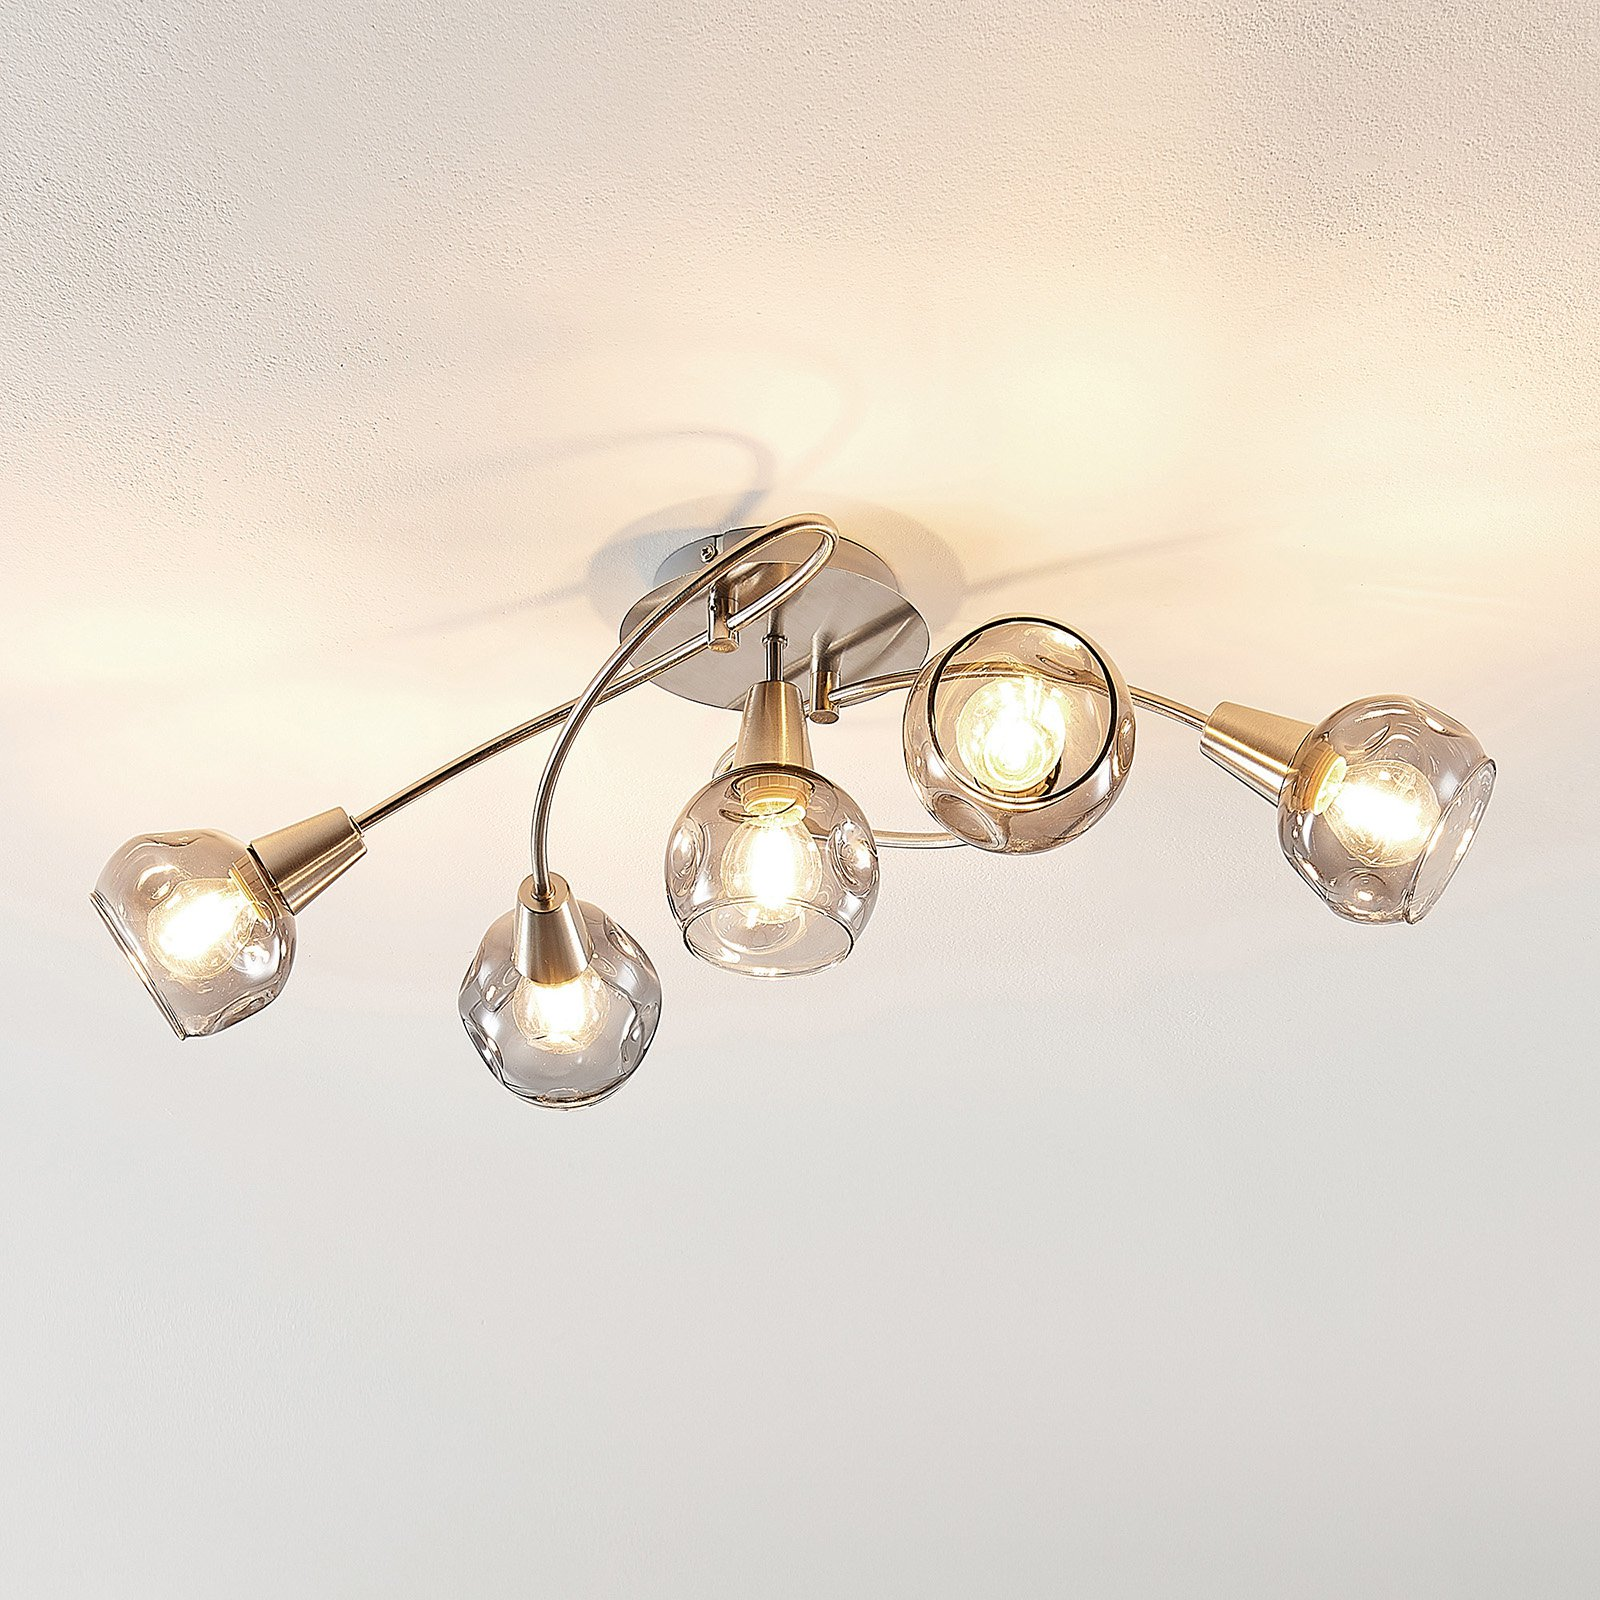 Lindby Almina taklampe, røykglass, 5 lyskilder